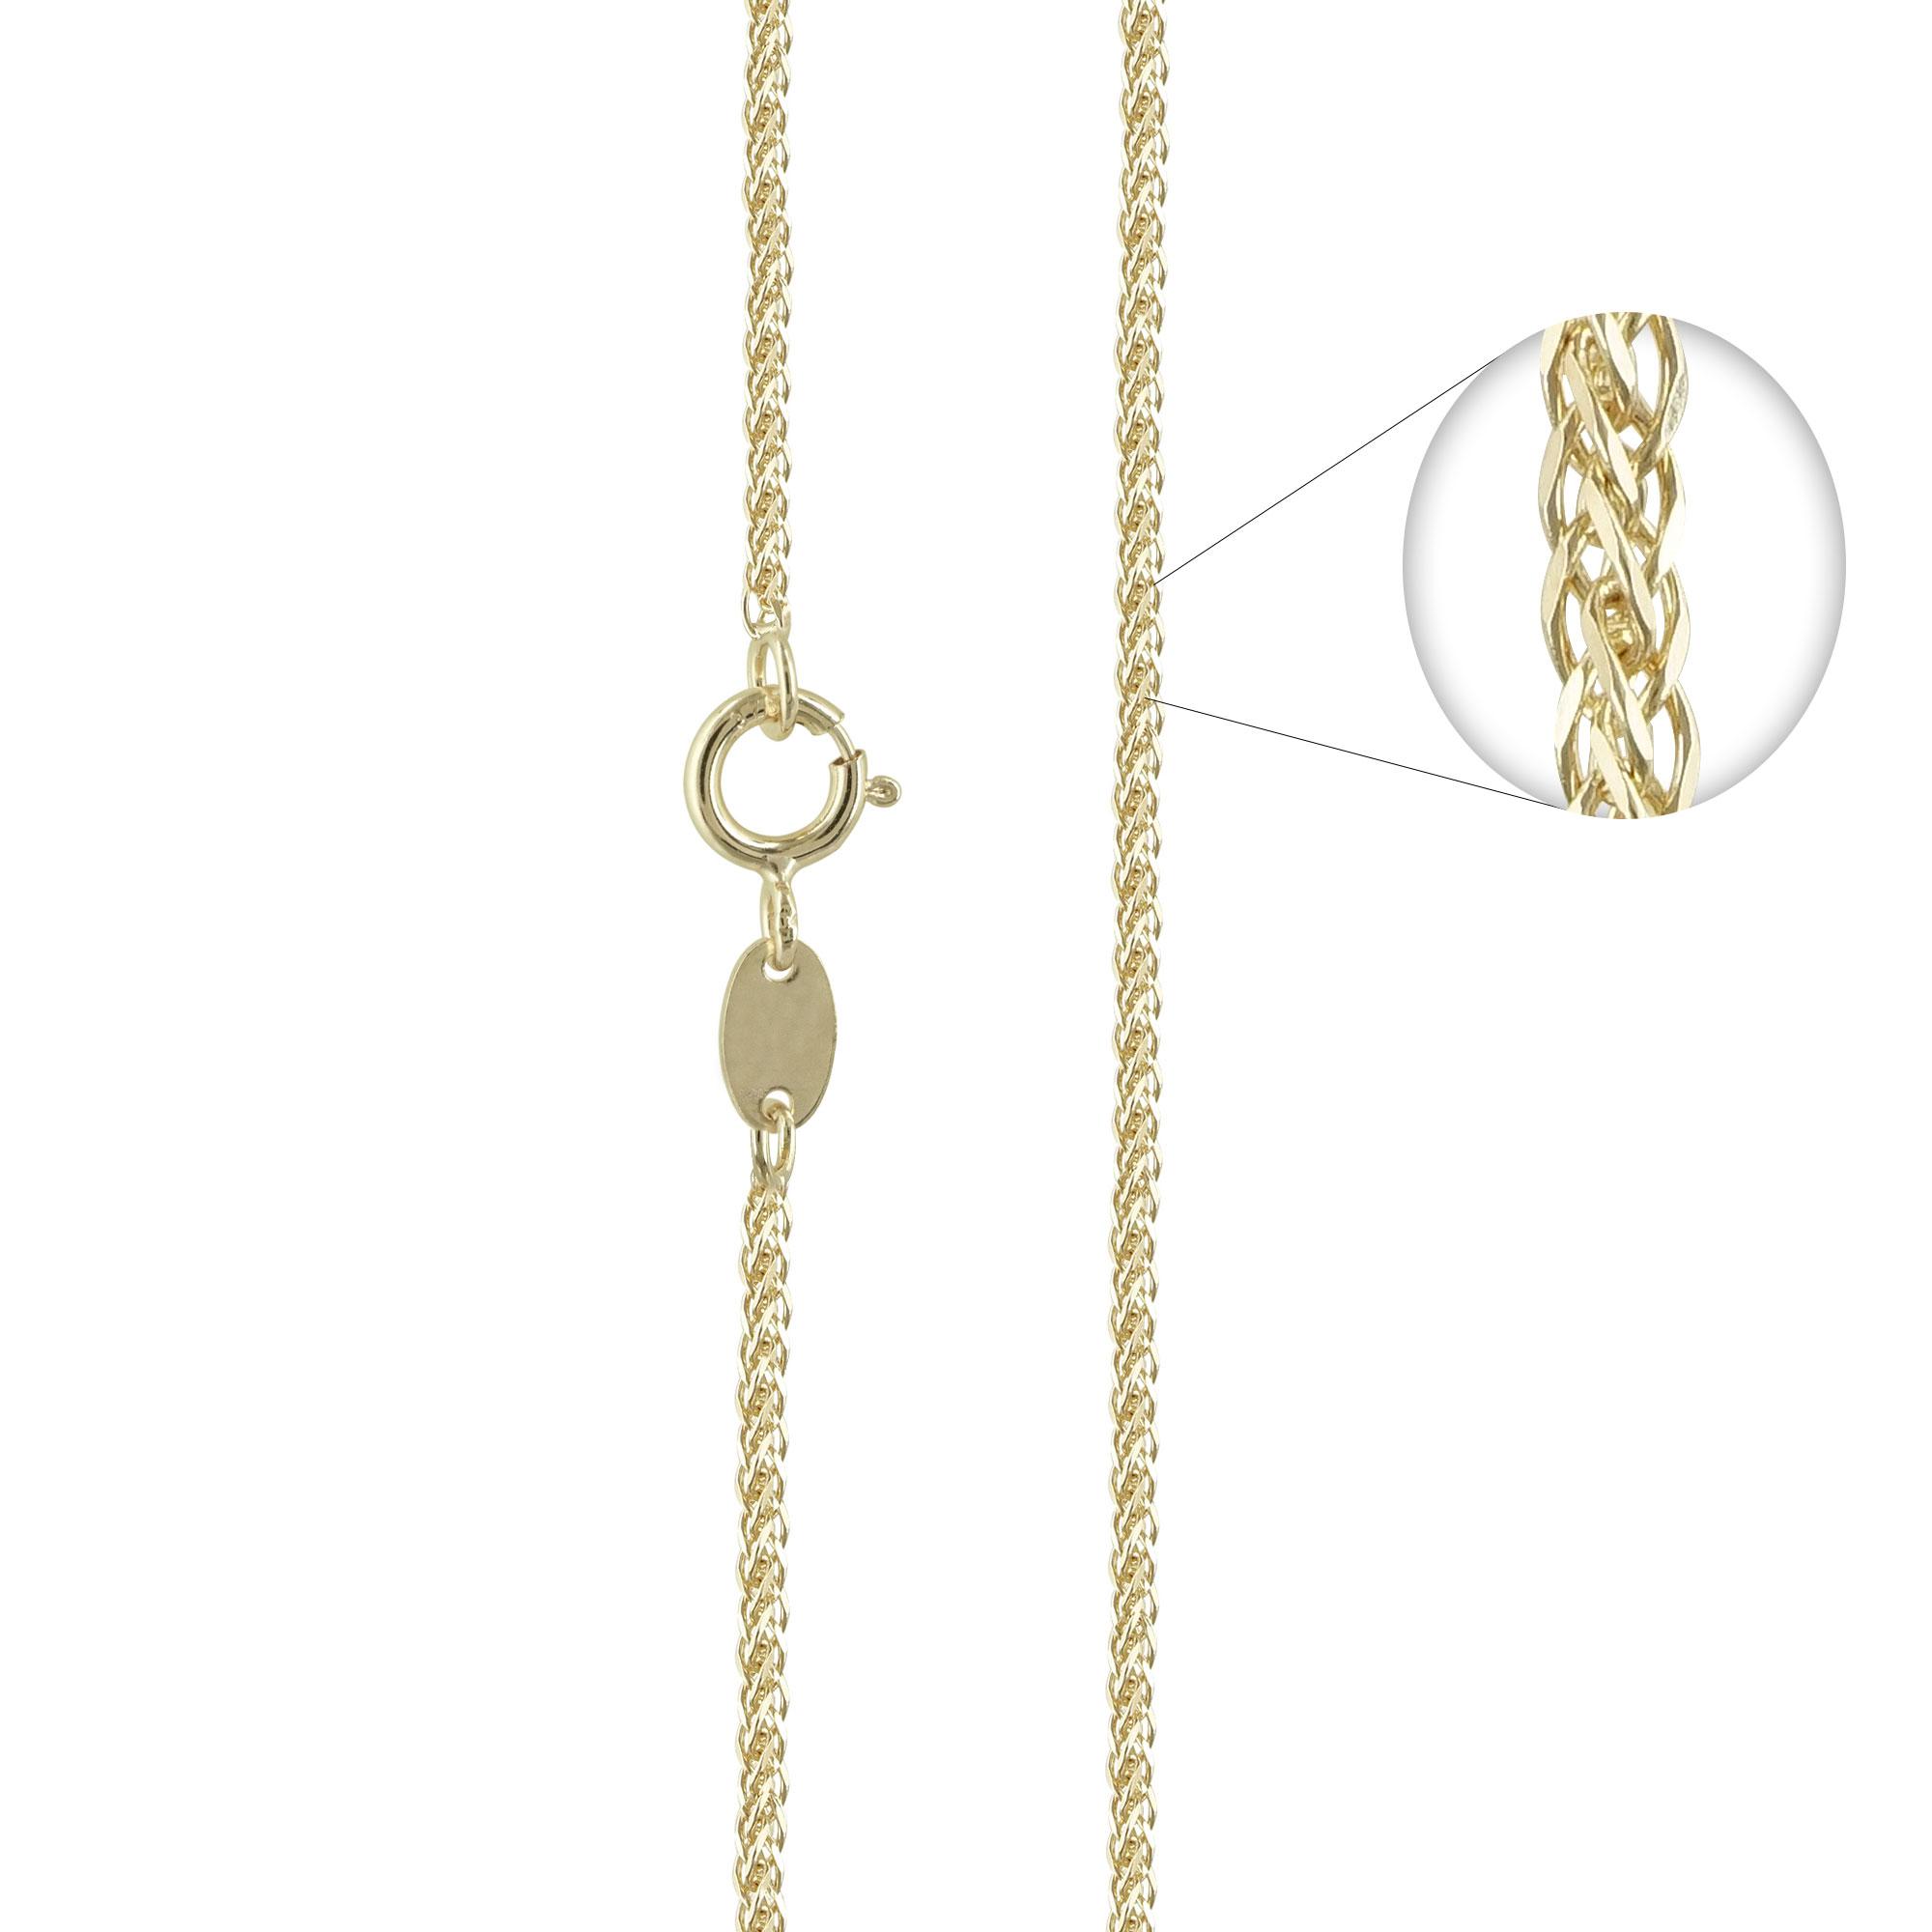 Κίτρινη Χρυσή Αλυσίδα Σπίγγα #1 AL110 k14 55cm